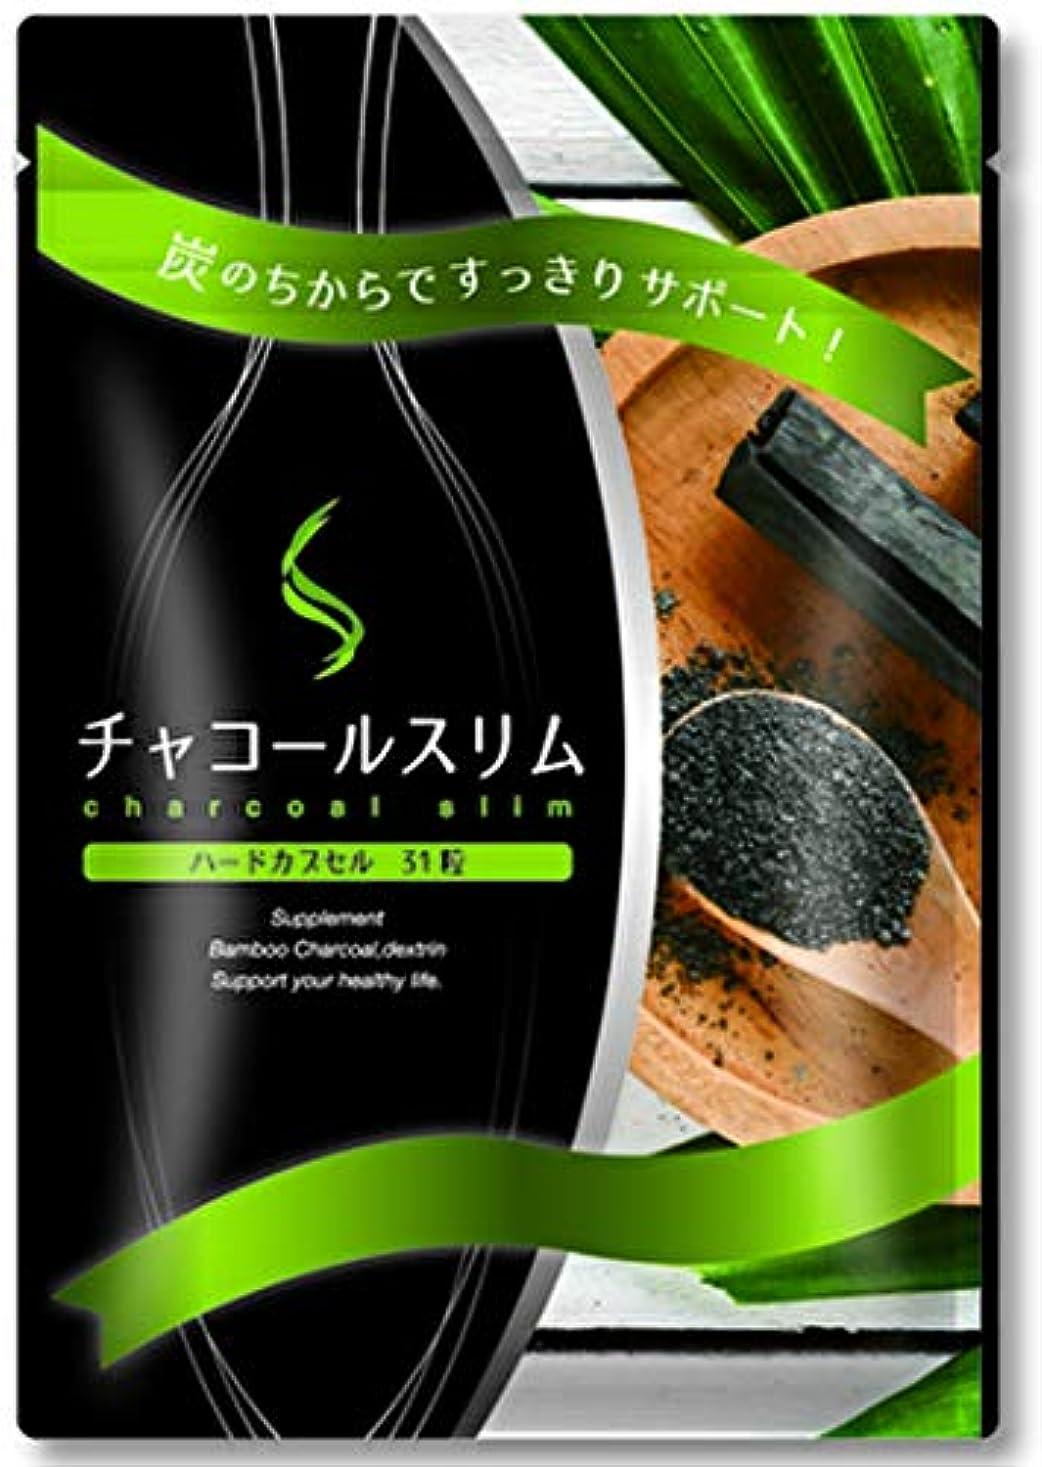 持っている軽量ハンマー竹炭 チャコールスリム (31粒) ダイエットサプリ 国産 竹炭 備長炭 チャコールダイエット